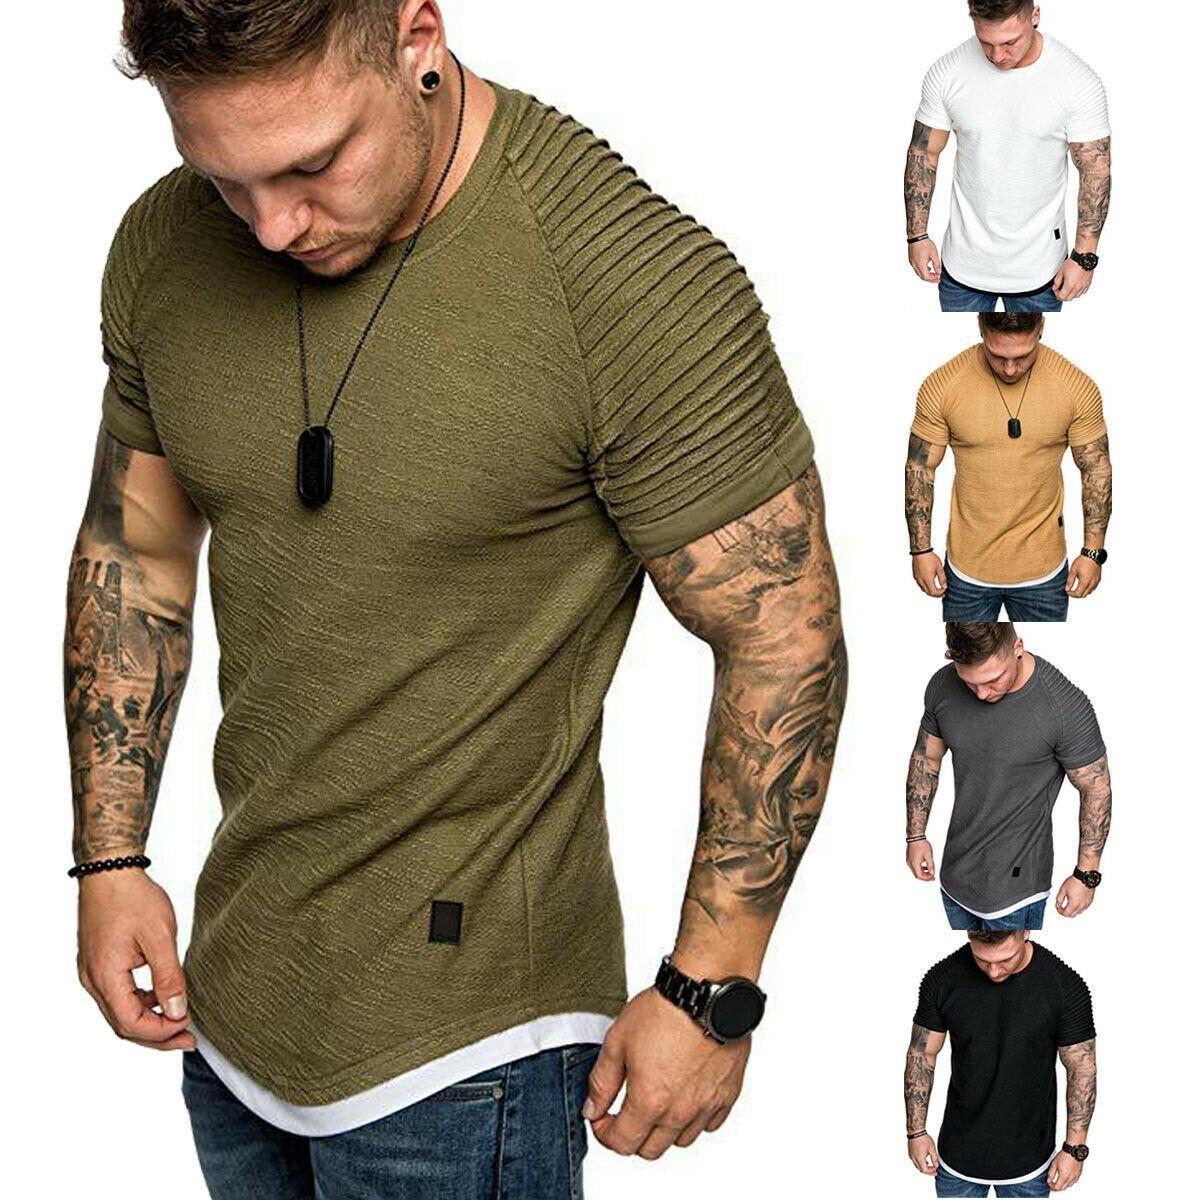 남성용 티셔츠 주름진 슬림 피트 넥 짧은 소매 근육 솔리드 캐주얼 탑 셔츠 여름 기본 티 새로운